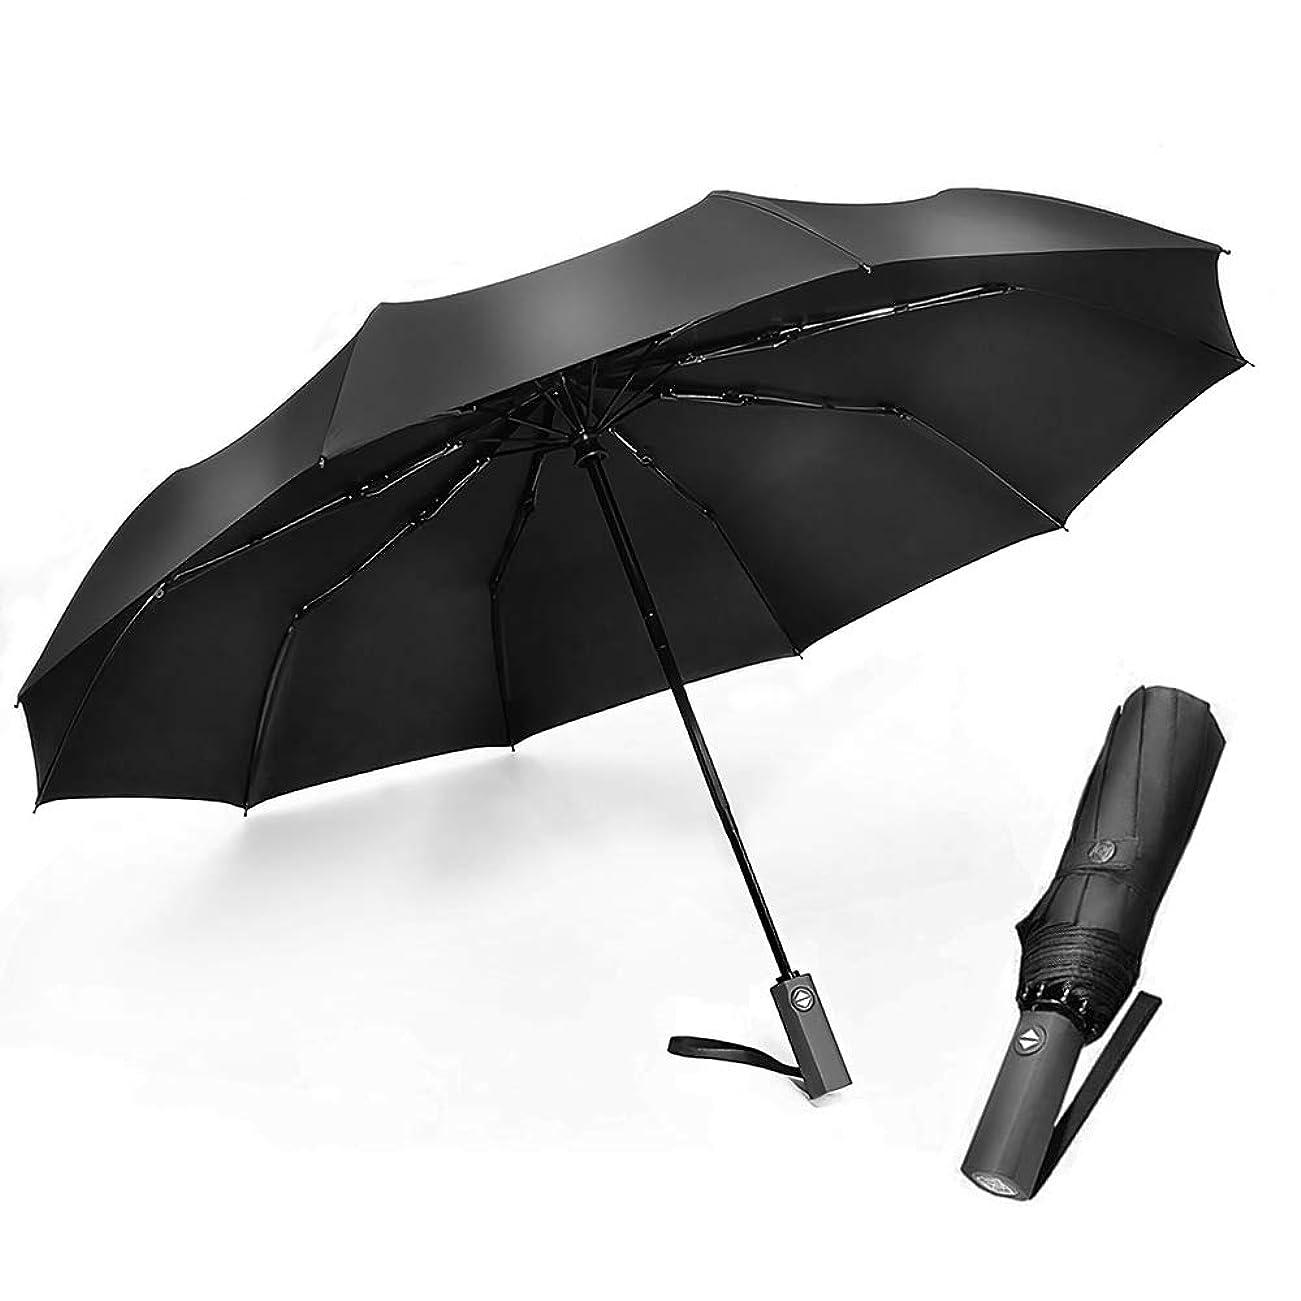 ファイバ熱心なきしむRoke 折りたたみ傘 ワンタッチ自動開閉 頑丈 10本骨 大きい Teflon撥水加工 210T高強度グラスファイバー 耐風 日傘 UVカット メンズ レディース おりたたみ傘 晴雨兼用 梅雨対策 傘カバー付き